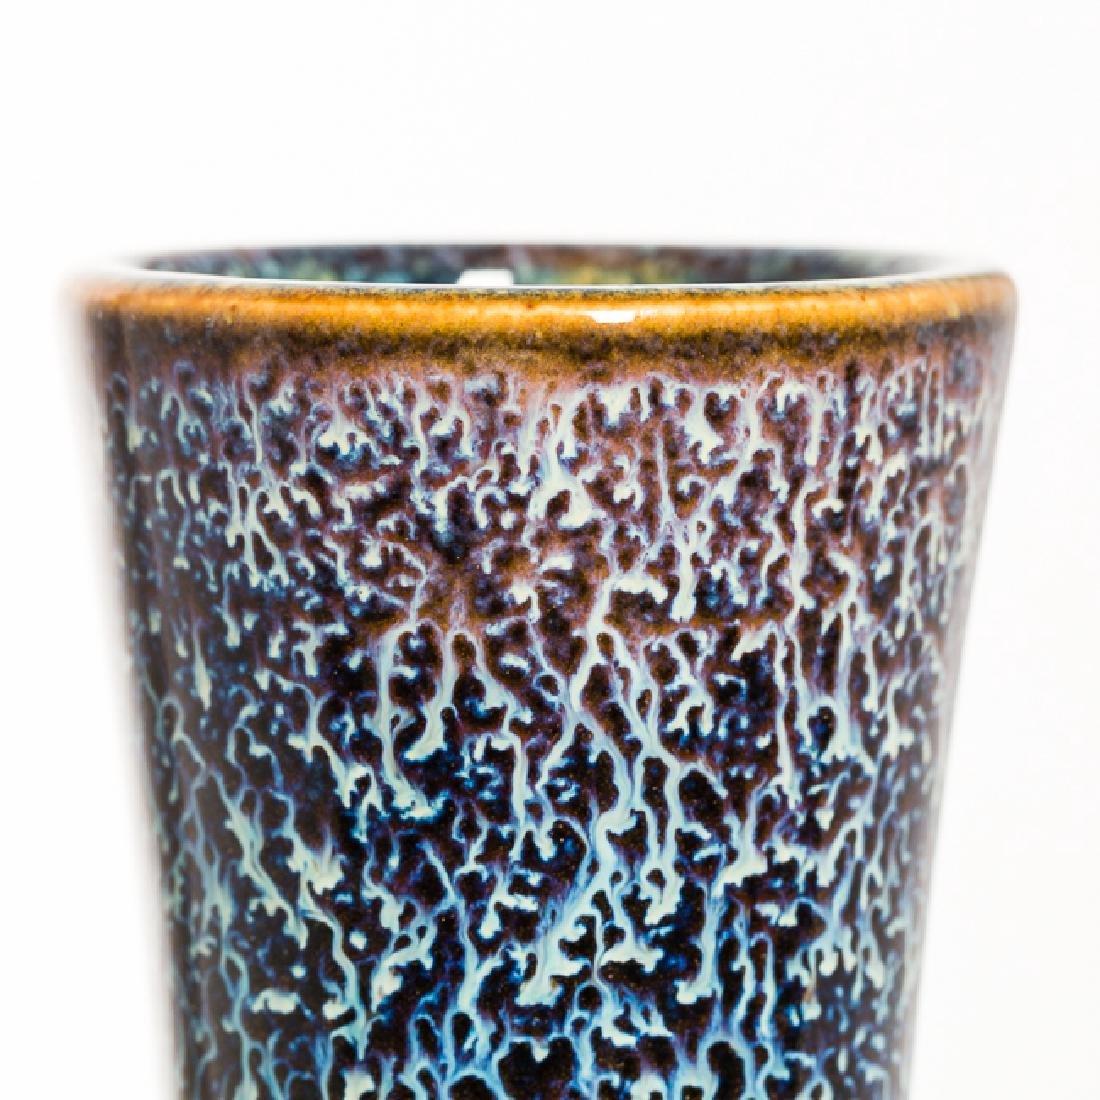 Chinese Antique Flambe-Glazed Porcelain Vase - 7